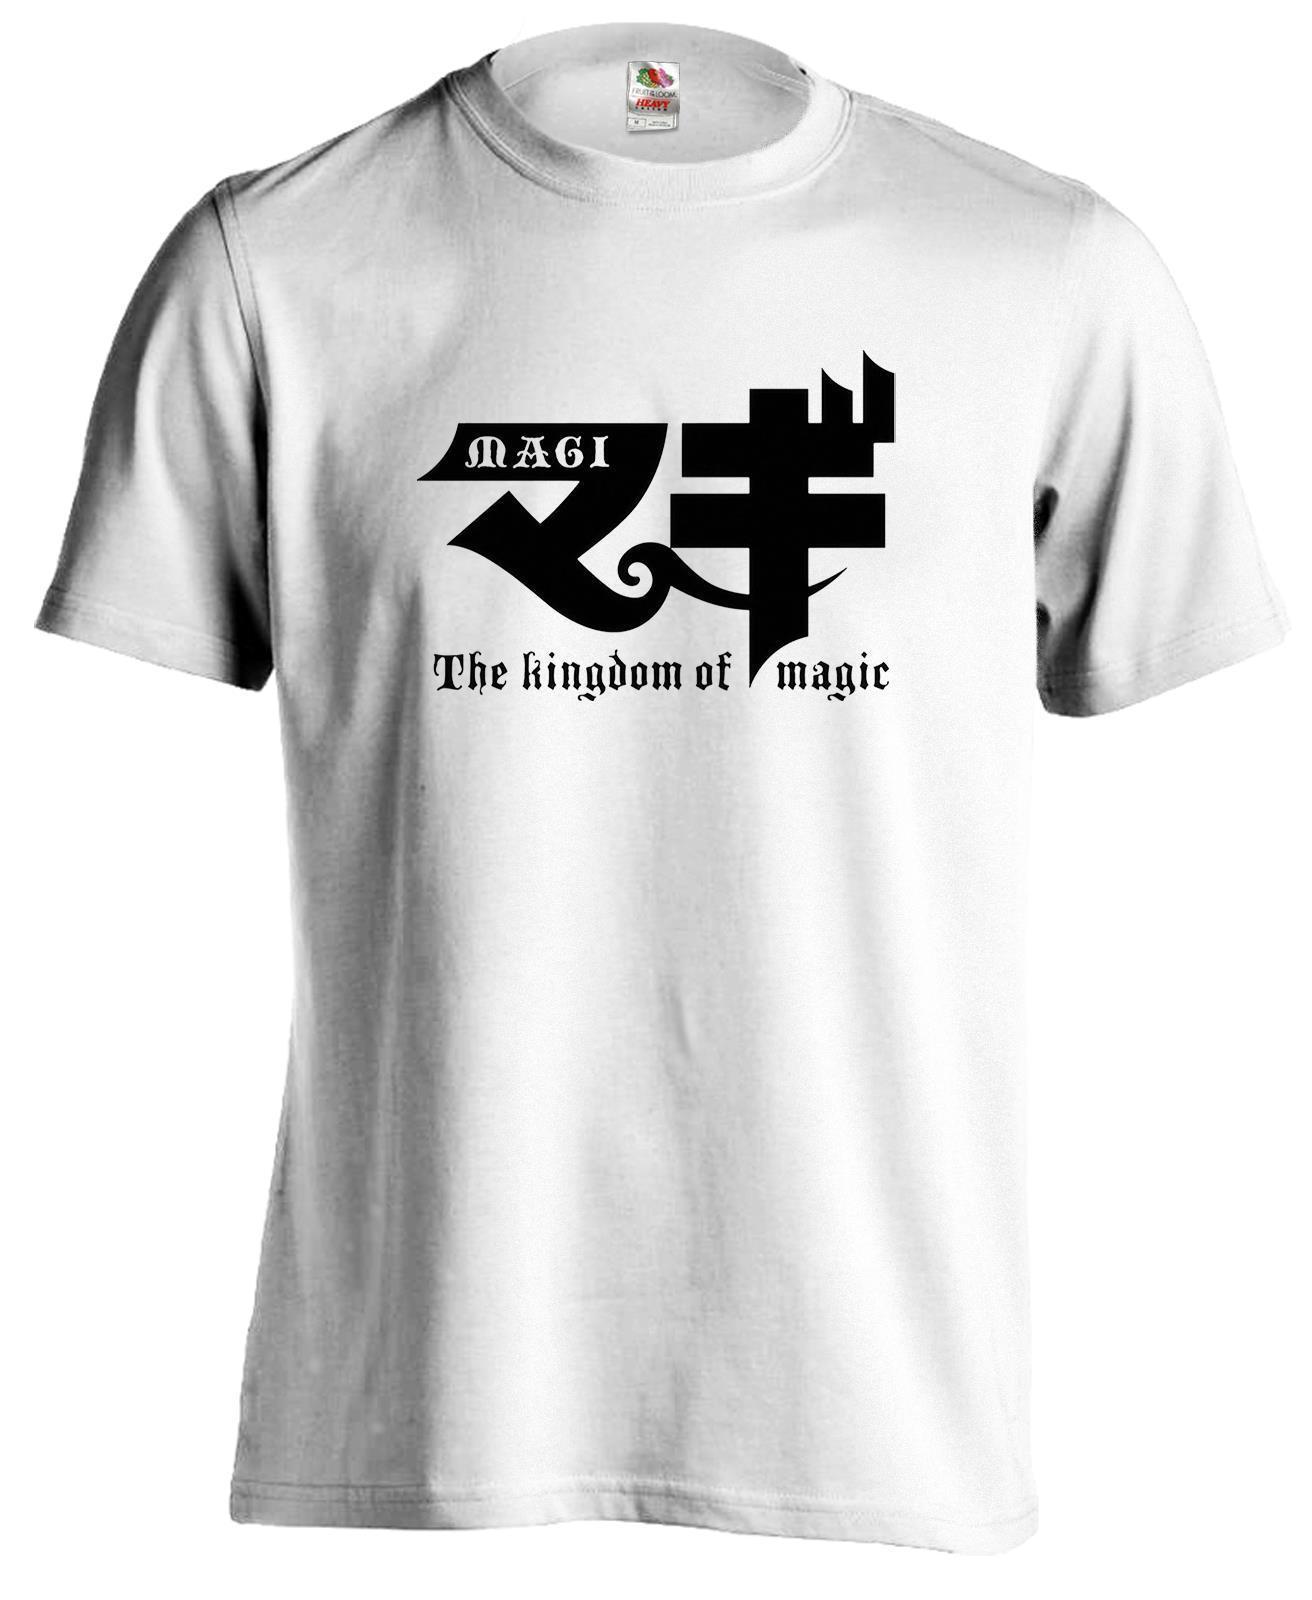 Magi el reino de la magia laberinto Anime Manga camiseta nueva camisetas divertidas camisetas nuevas Unisex divertidas Tops